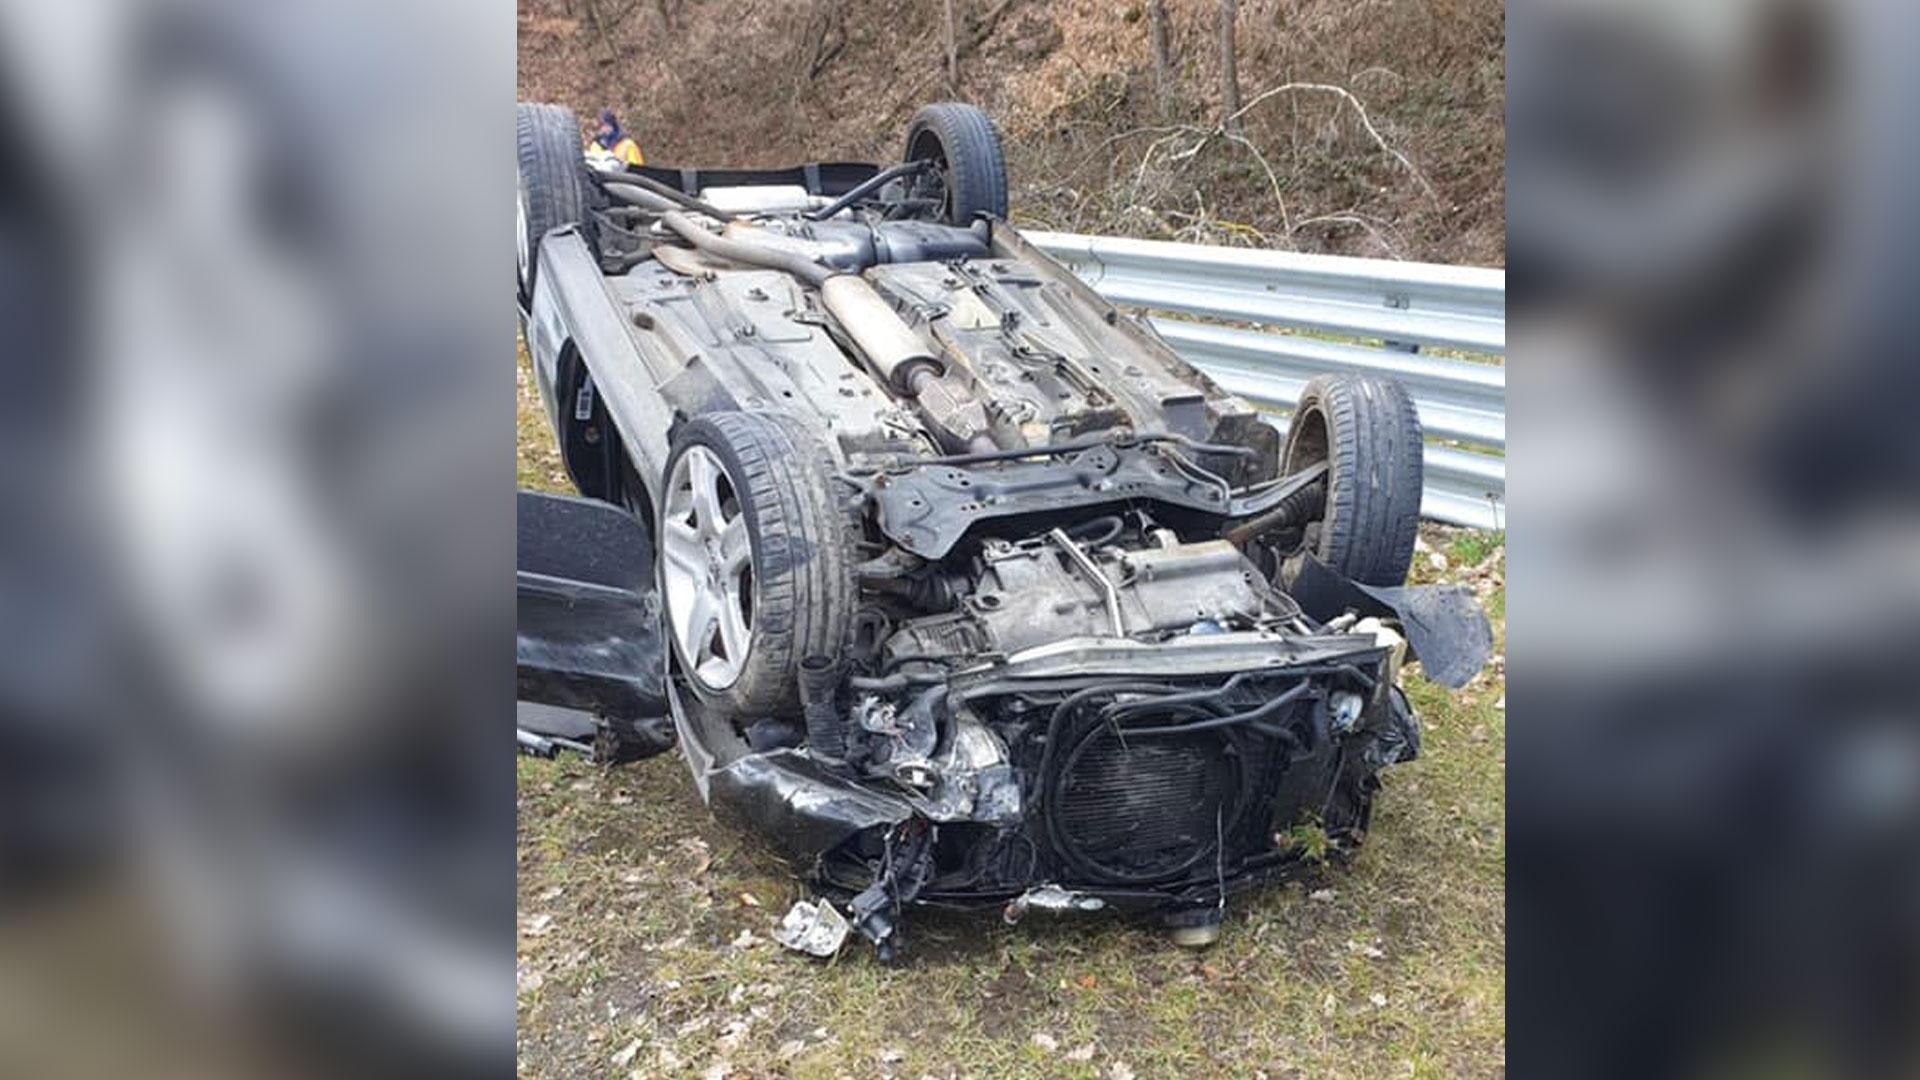 Peugeot 206 RC Nurburgring crash